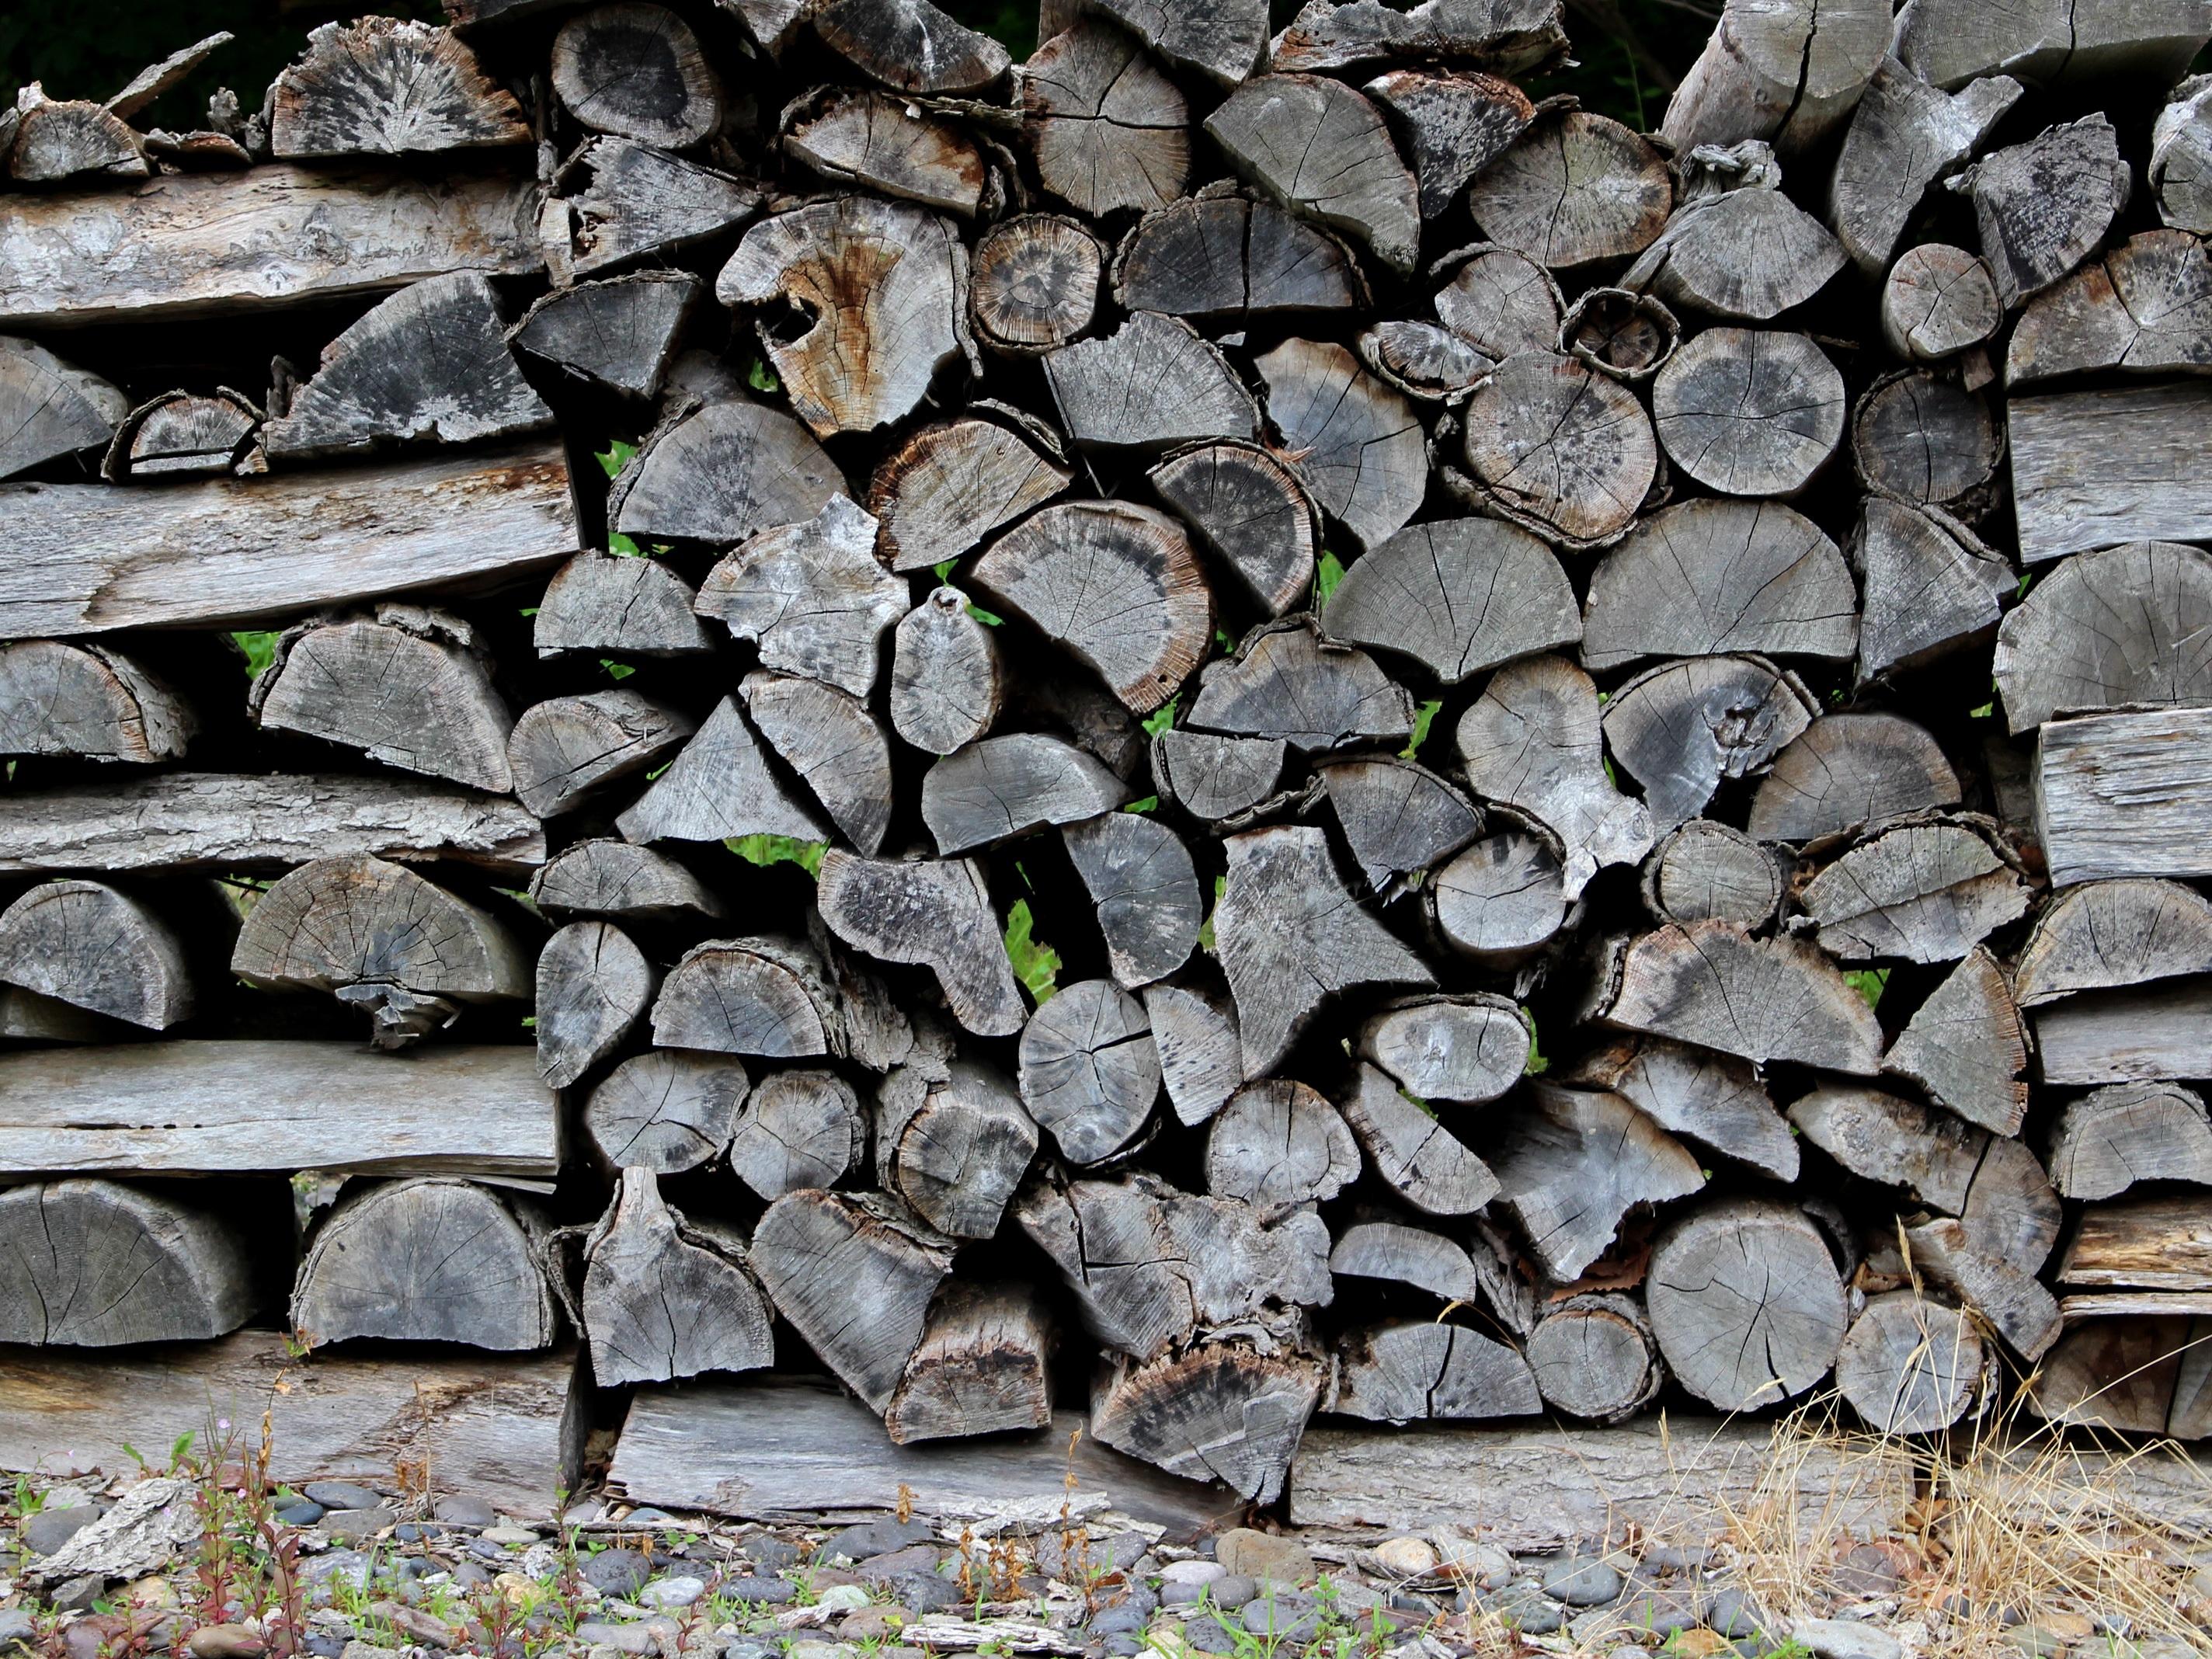 Baum Rock Holz Textur Kofferraum Alt Kopfstein Mauer Asphalt Boden Kamin  Steinwand Brennholz Ziegel Feuer Material